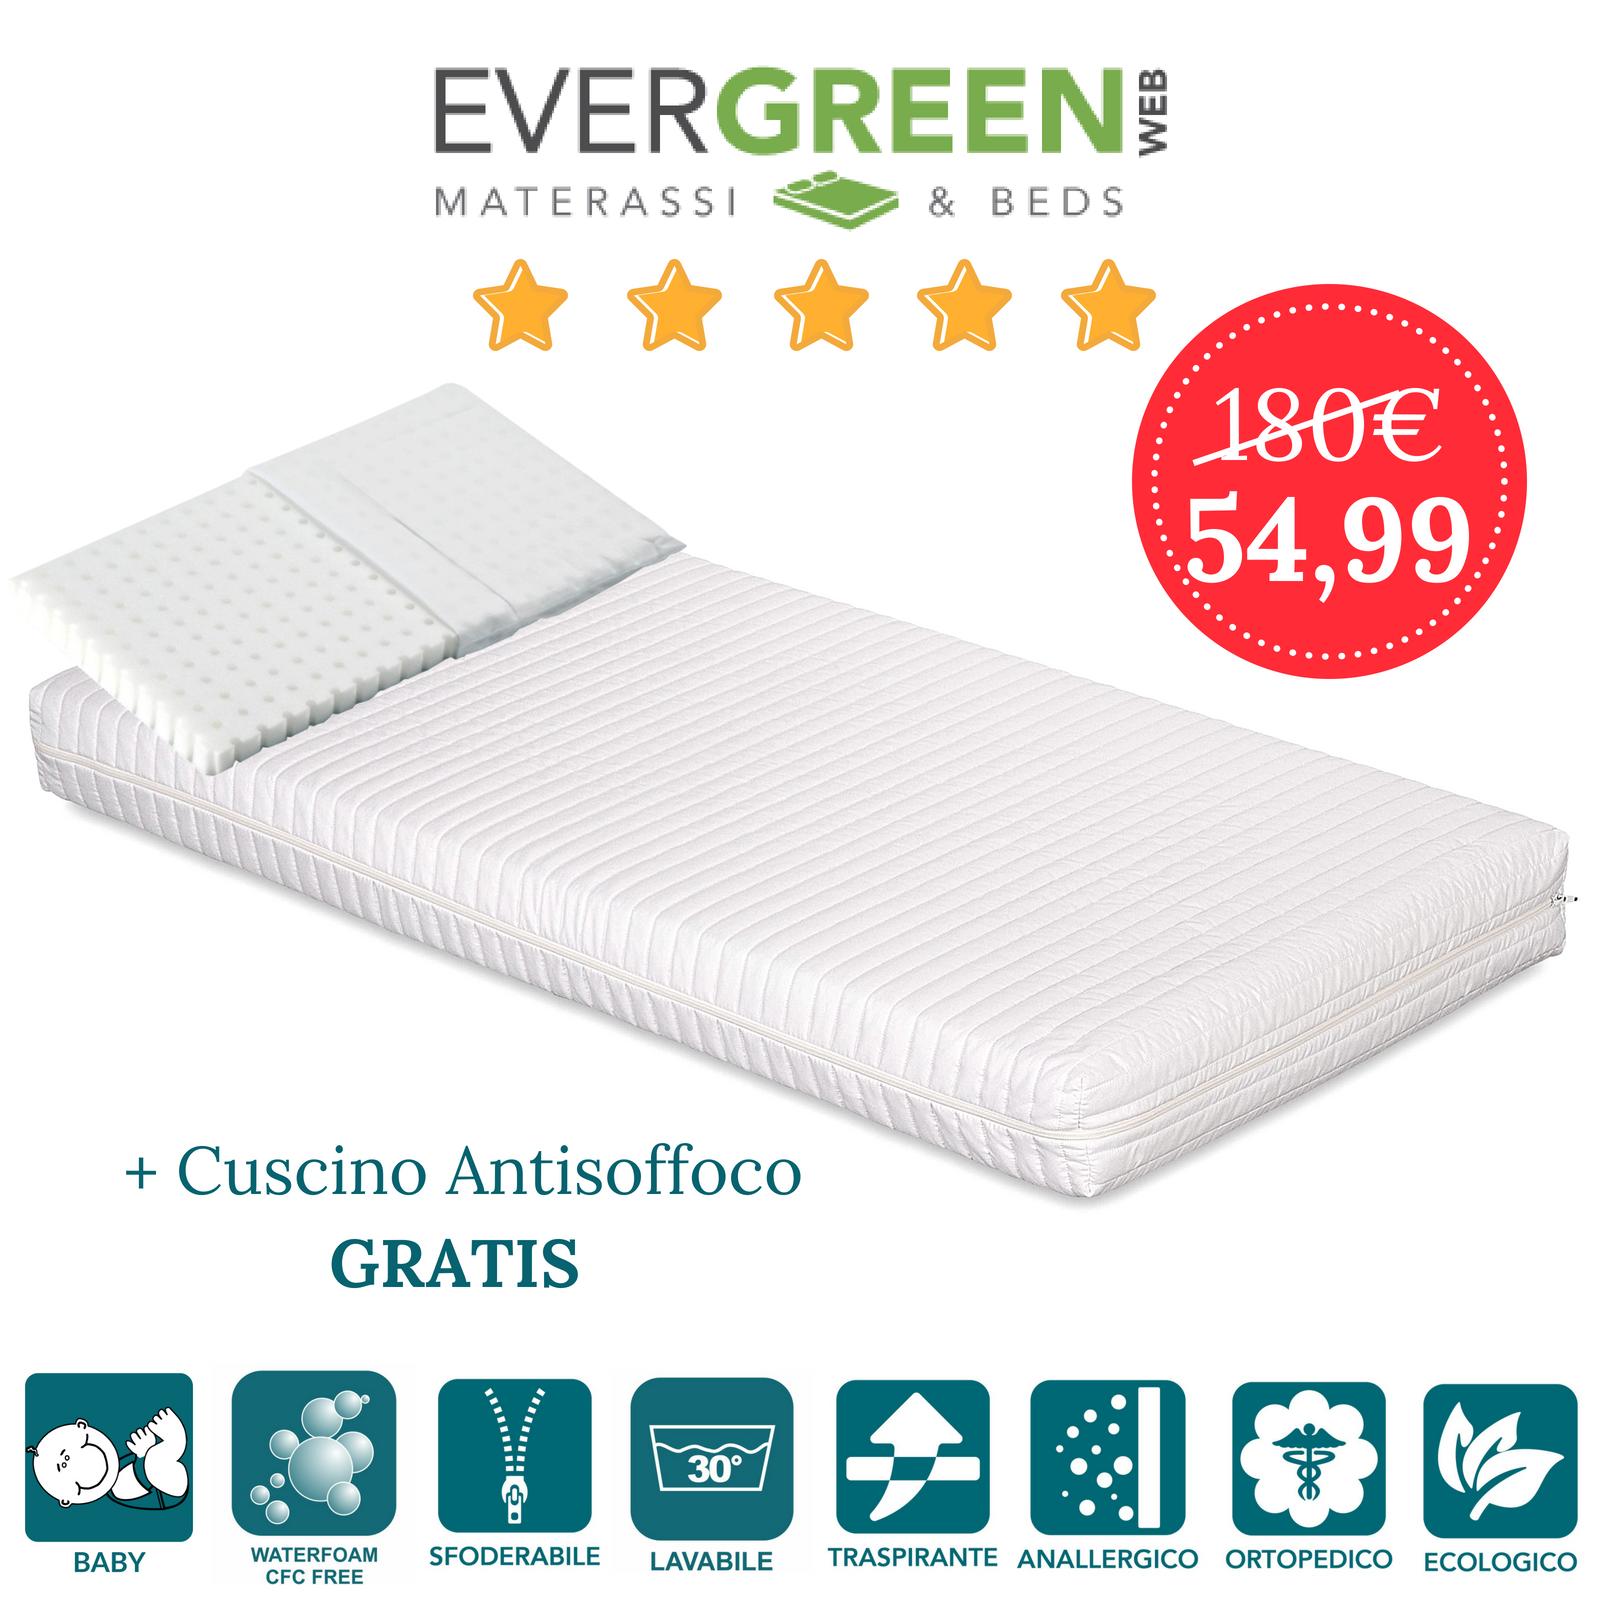 Matelas berceau haut 12 cm d'épaisseur avec tissu blanc hypoallergénique déhoussable - matelas pour lit d'enfant, petit lit, couffin, landau - avec oreiller gratuit - Symba